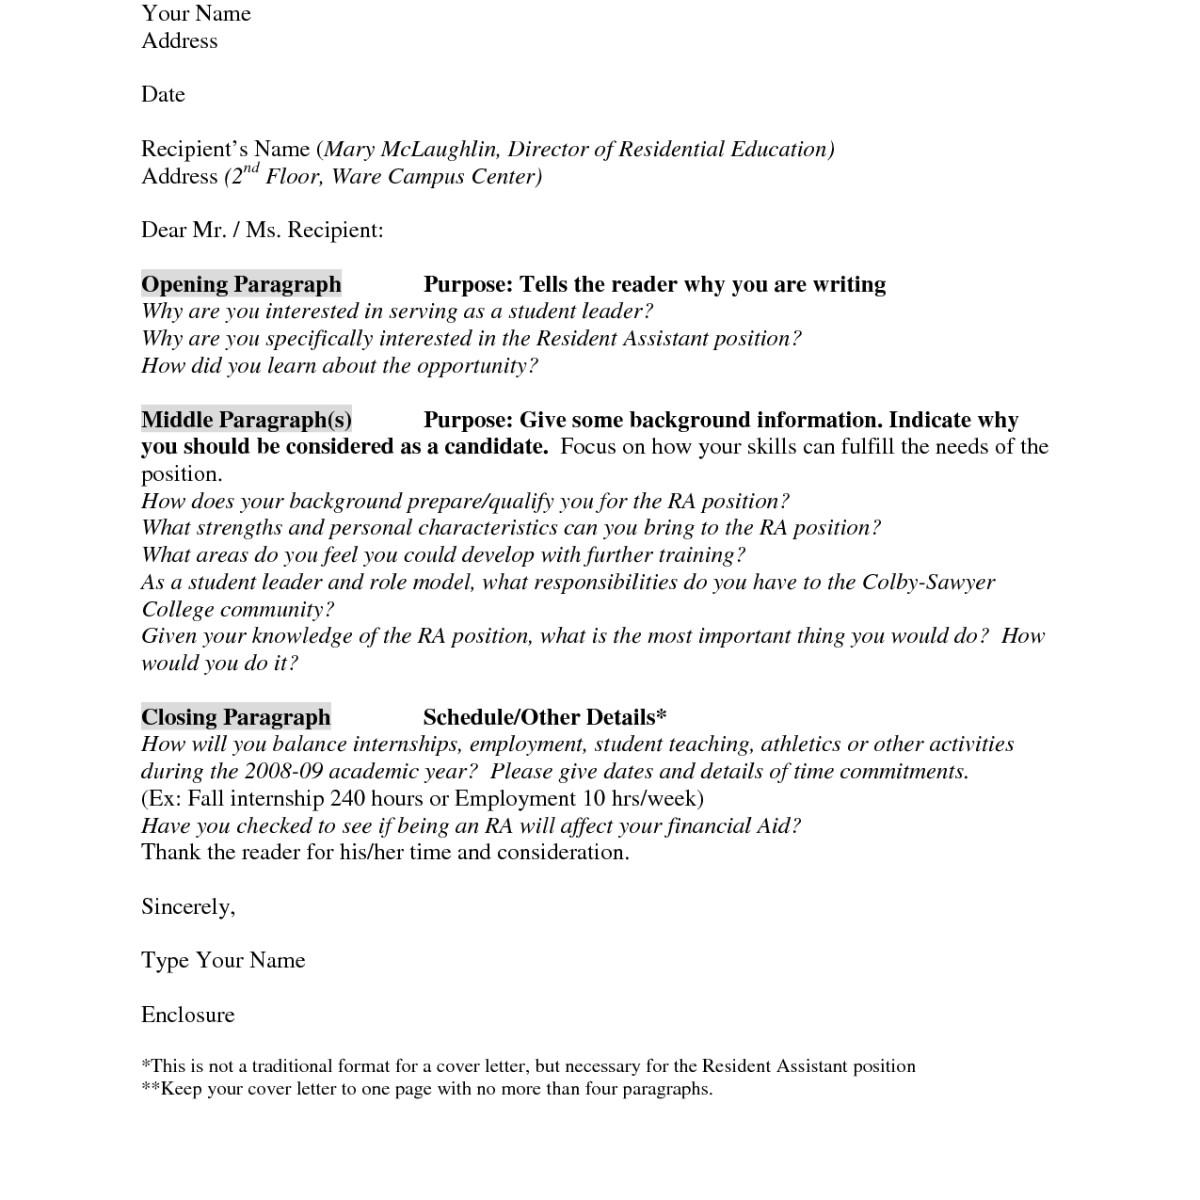 cover letter no recipient